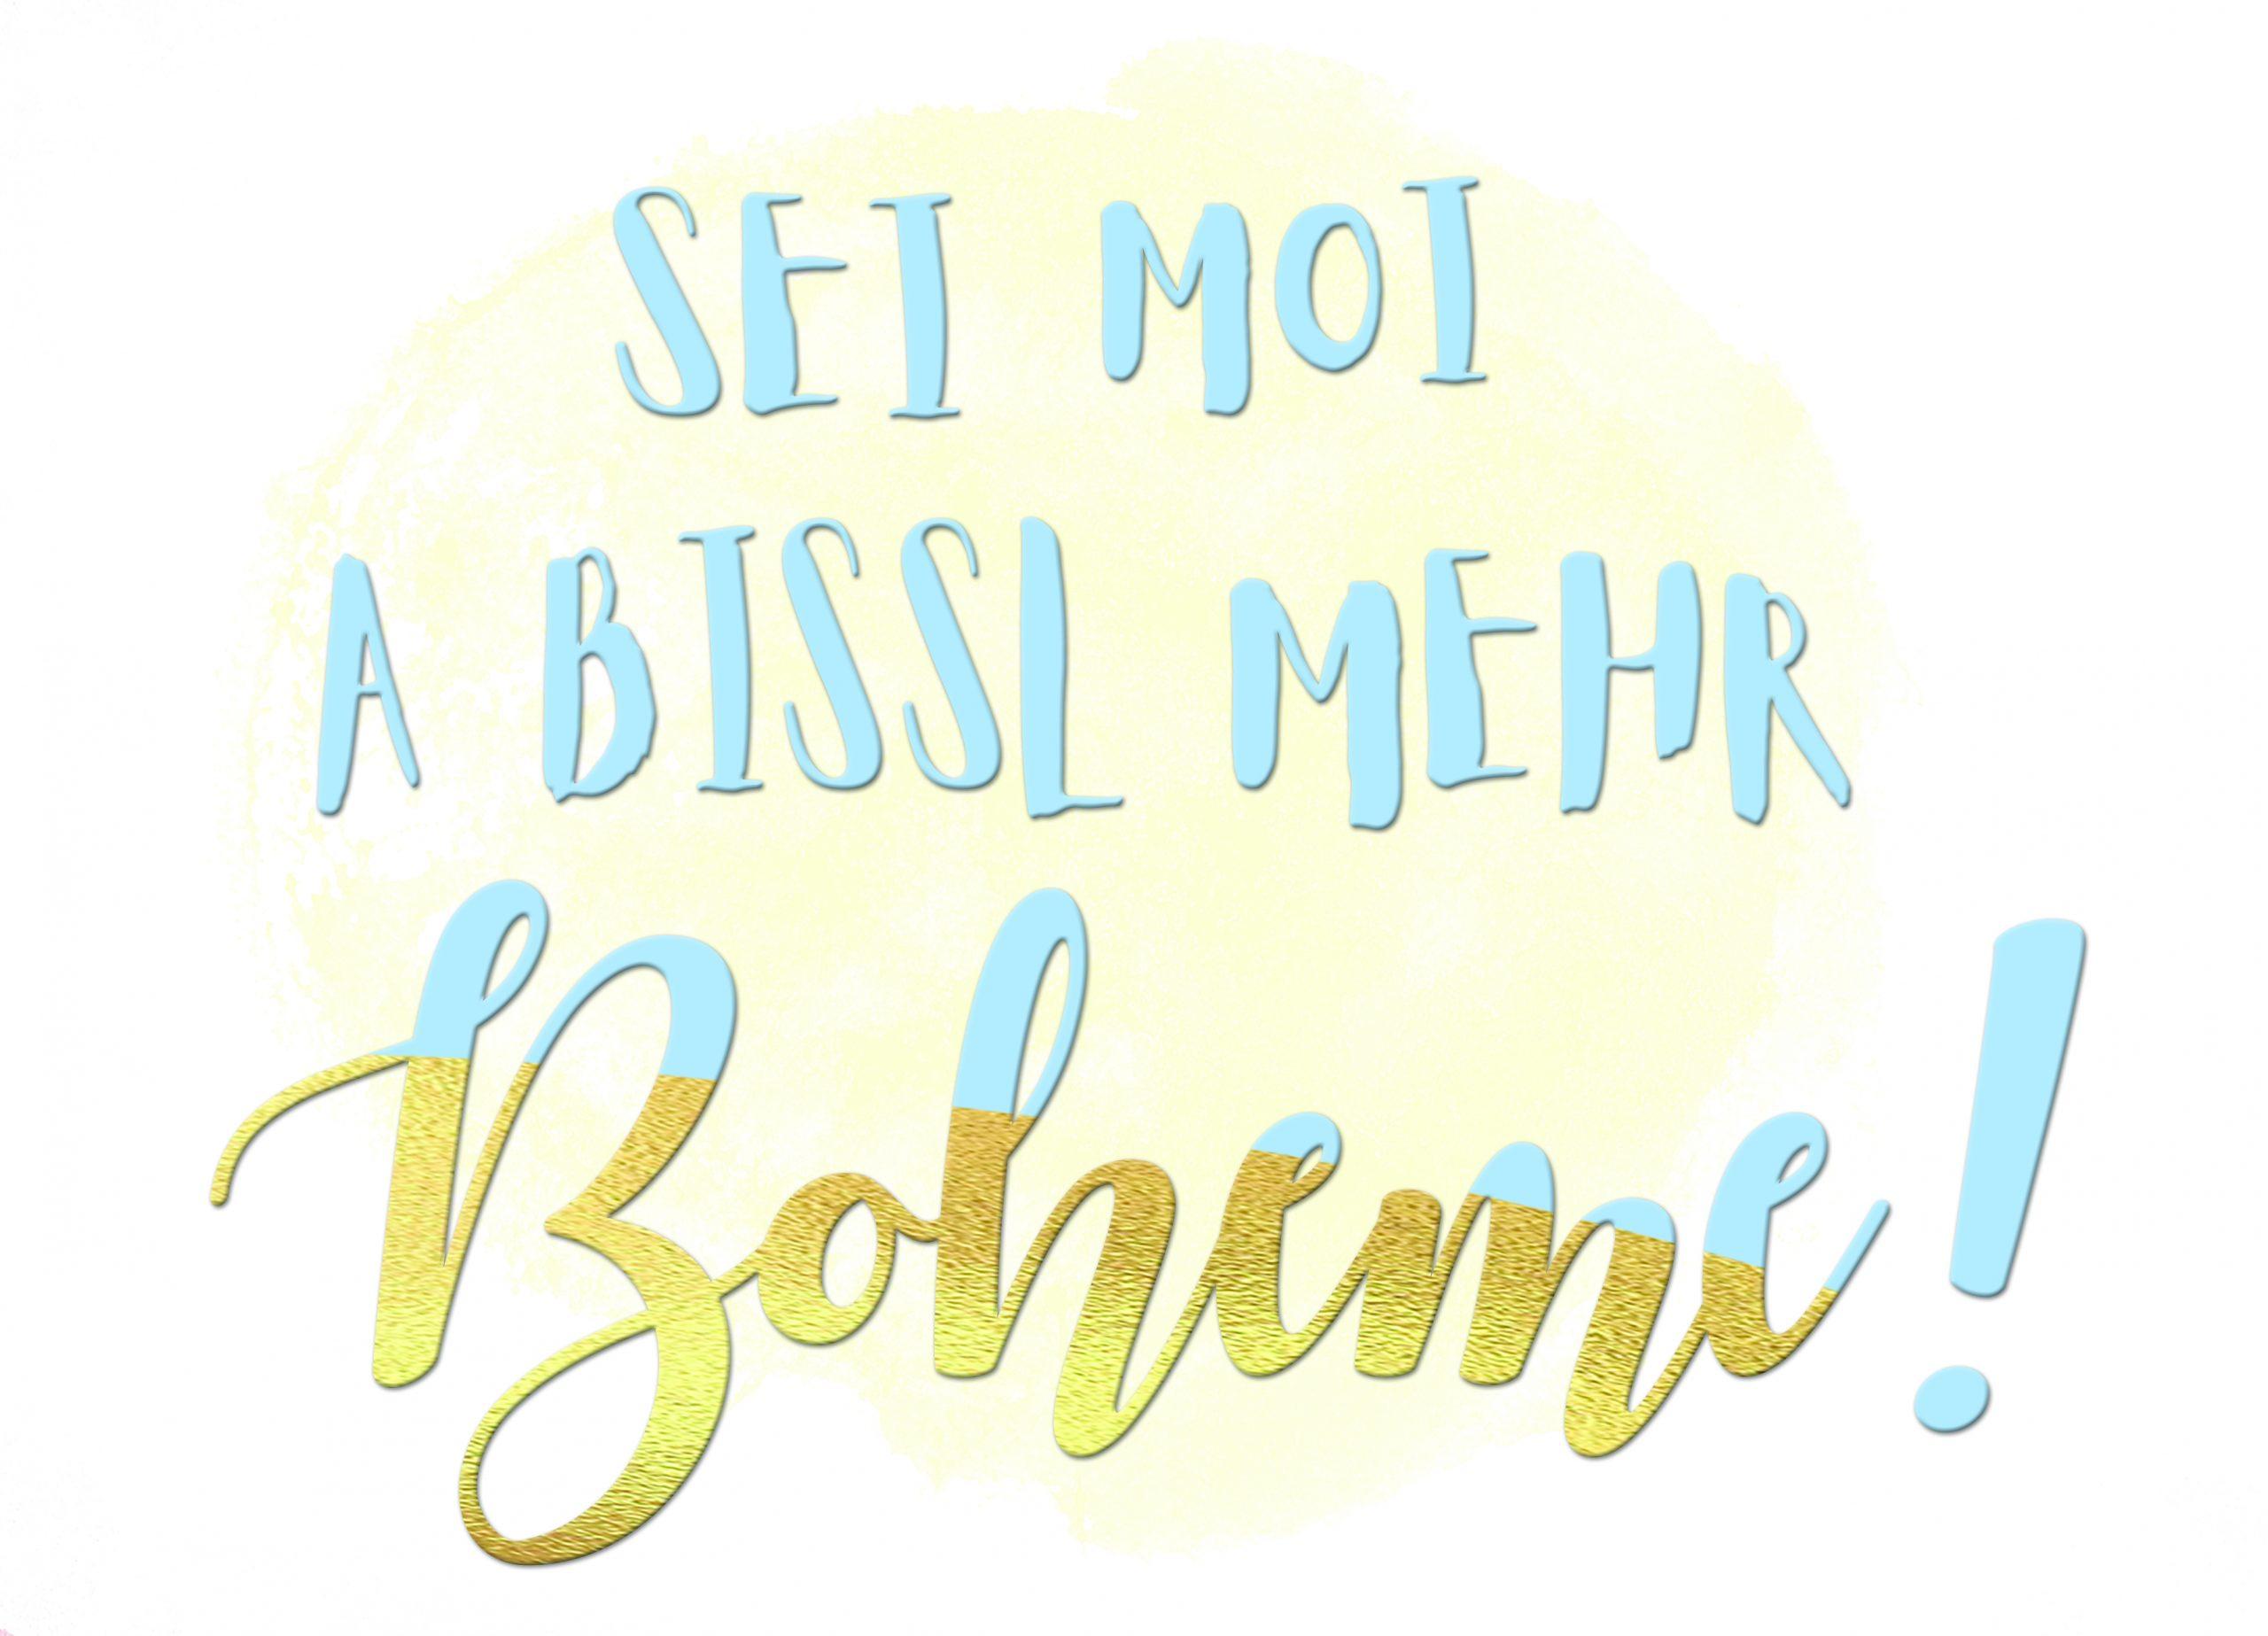 Sei moi a bissl mehr Boheme!